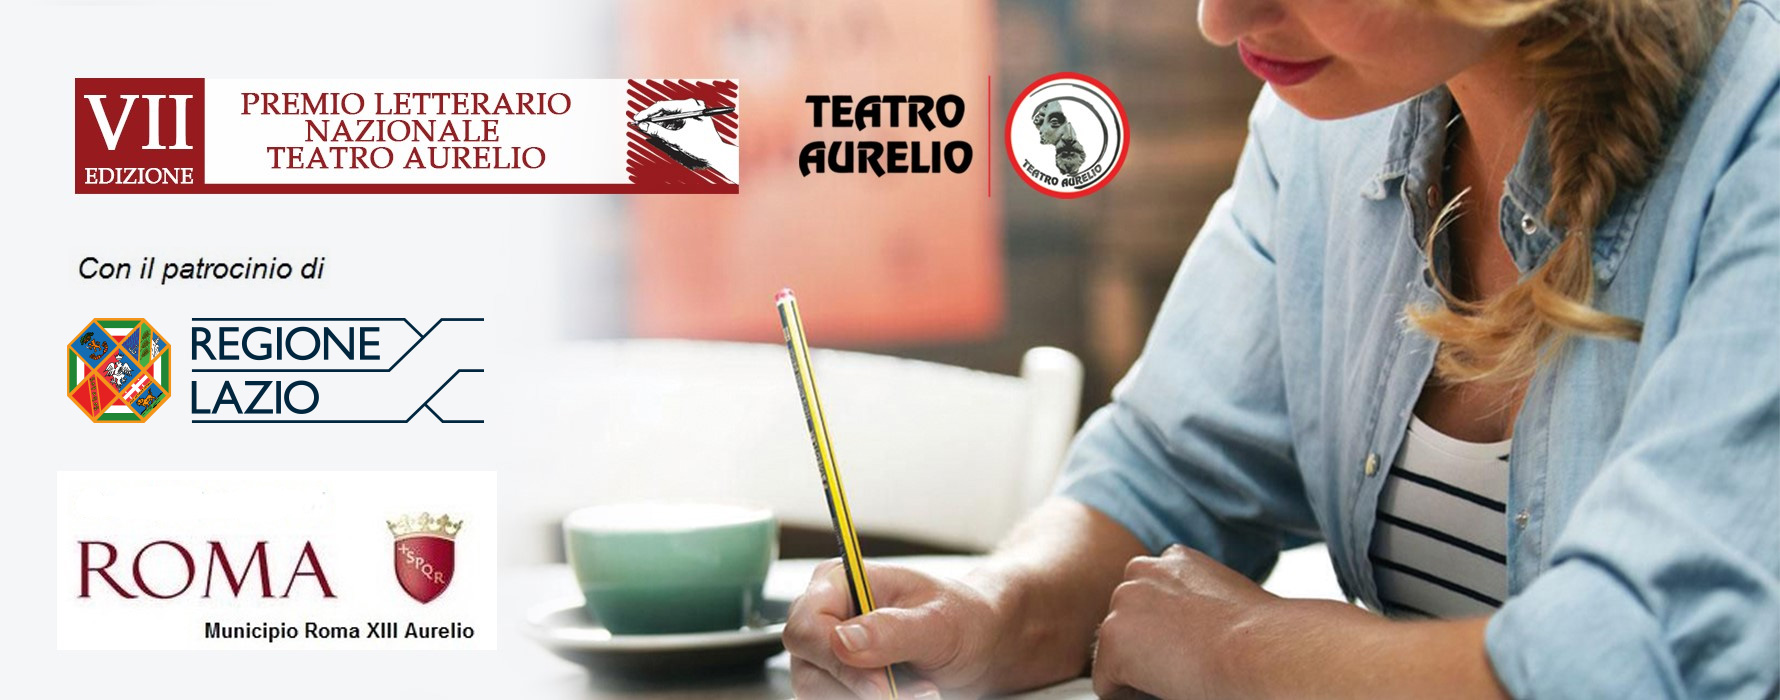 Banner Premio letterario Teatro Aurelio VII Edizione